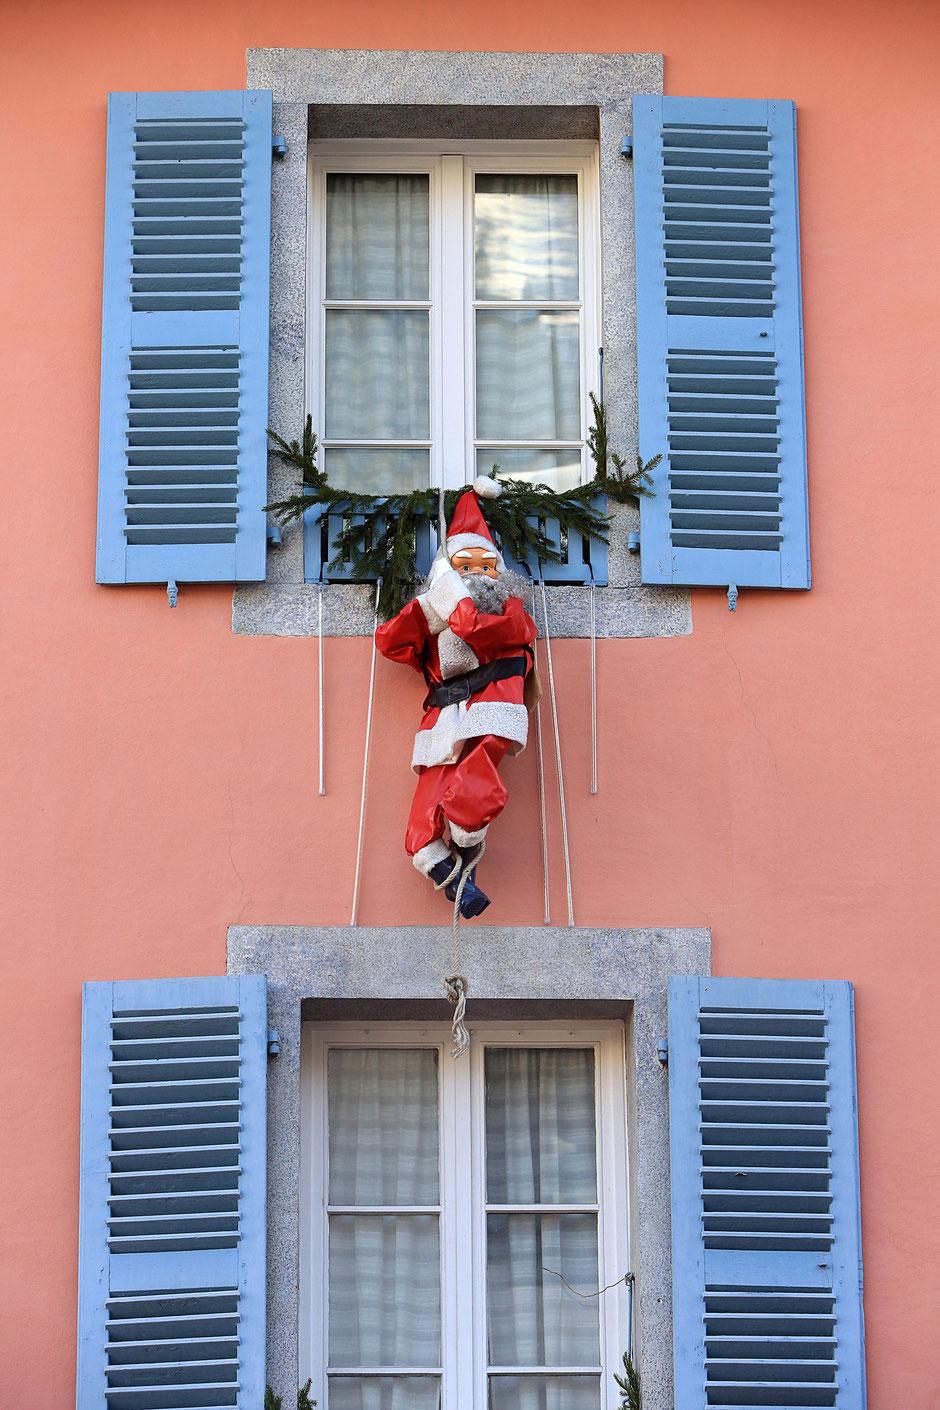 Père Noël suspendu à une fenêtre. Chamonix. Haute-Savoie.